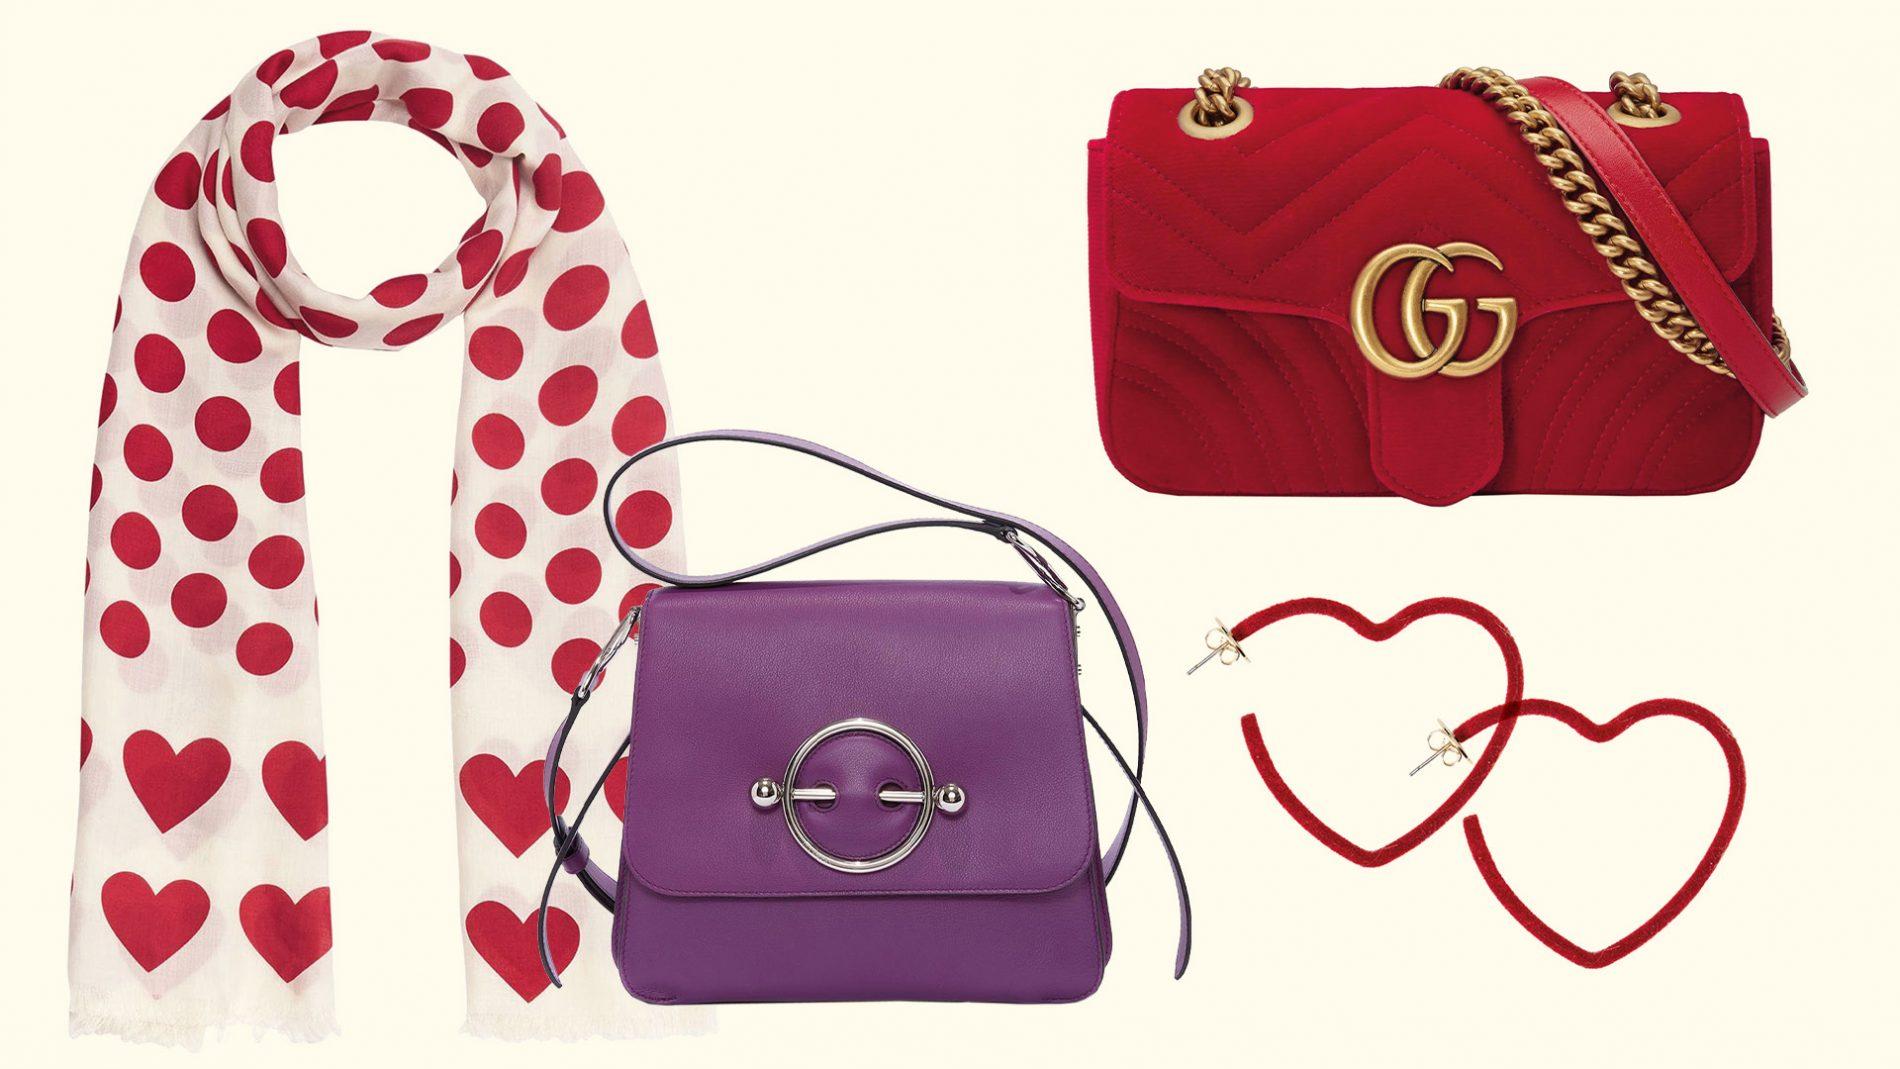 El Corte Inglés Designer Jewelry Handbags Scarf Burberry JW Anderson Gucci Bimba y Lola